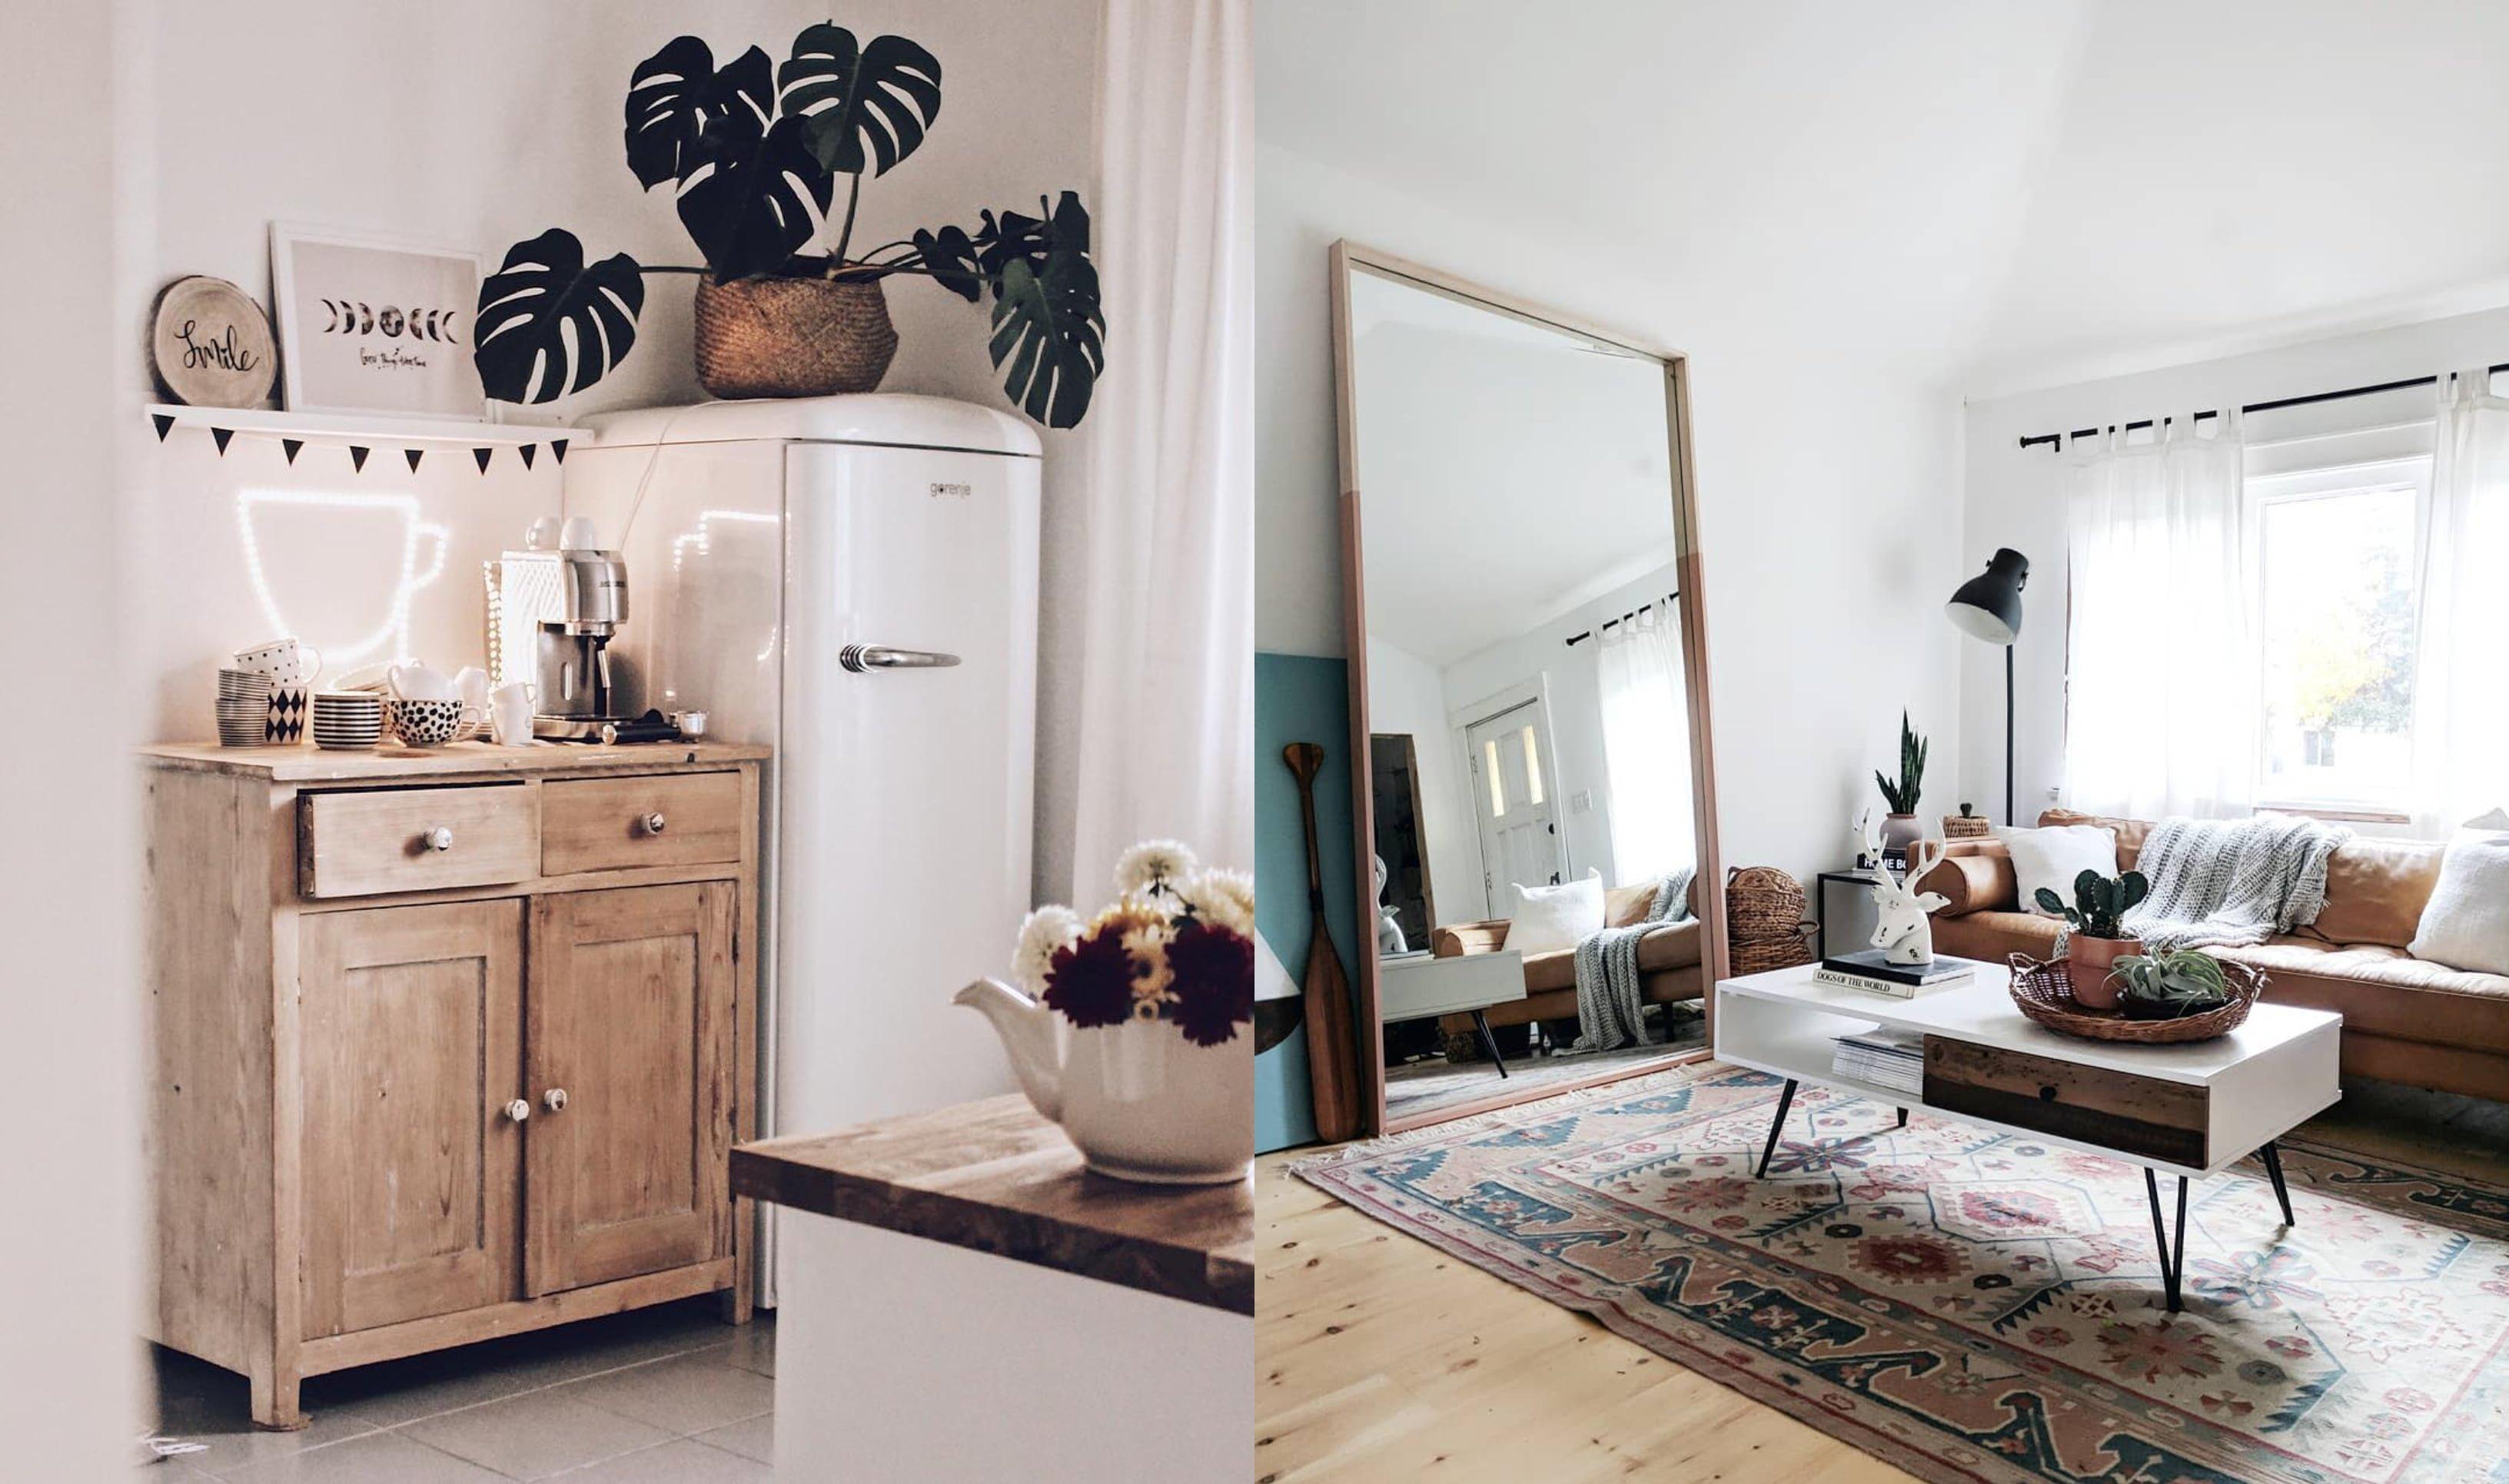 Ne bacajte stare komode i stolice! Retro namještaj daje posebnu vibru vašem domu